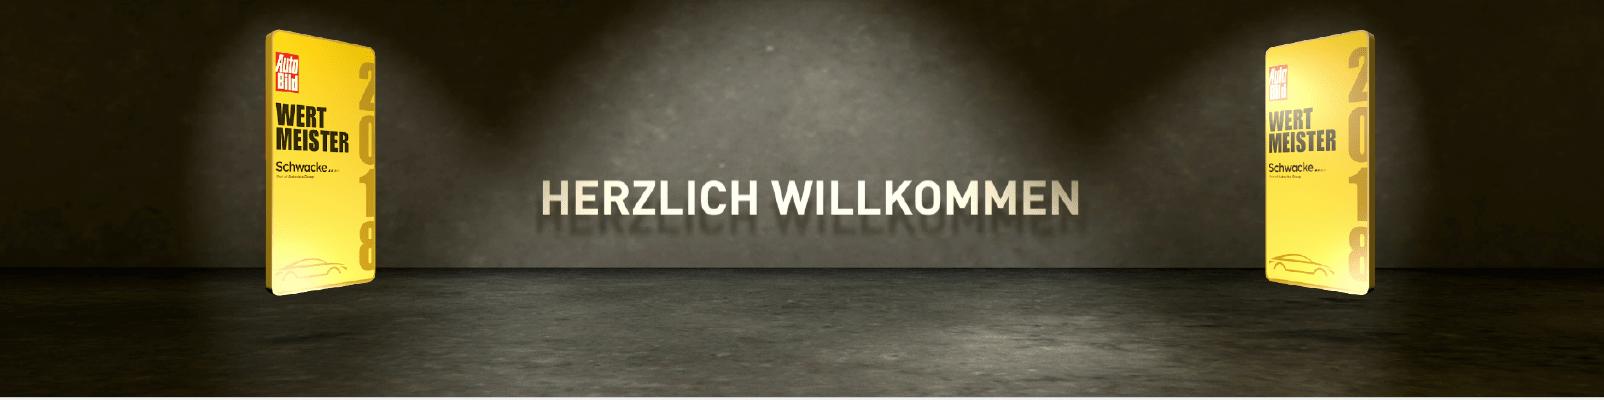 Das sind die wertstabilsten Fahrzeuge: AUTO BILD und SCHWACKE küren die Wertmeister 2018 - Schwacke